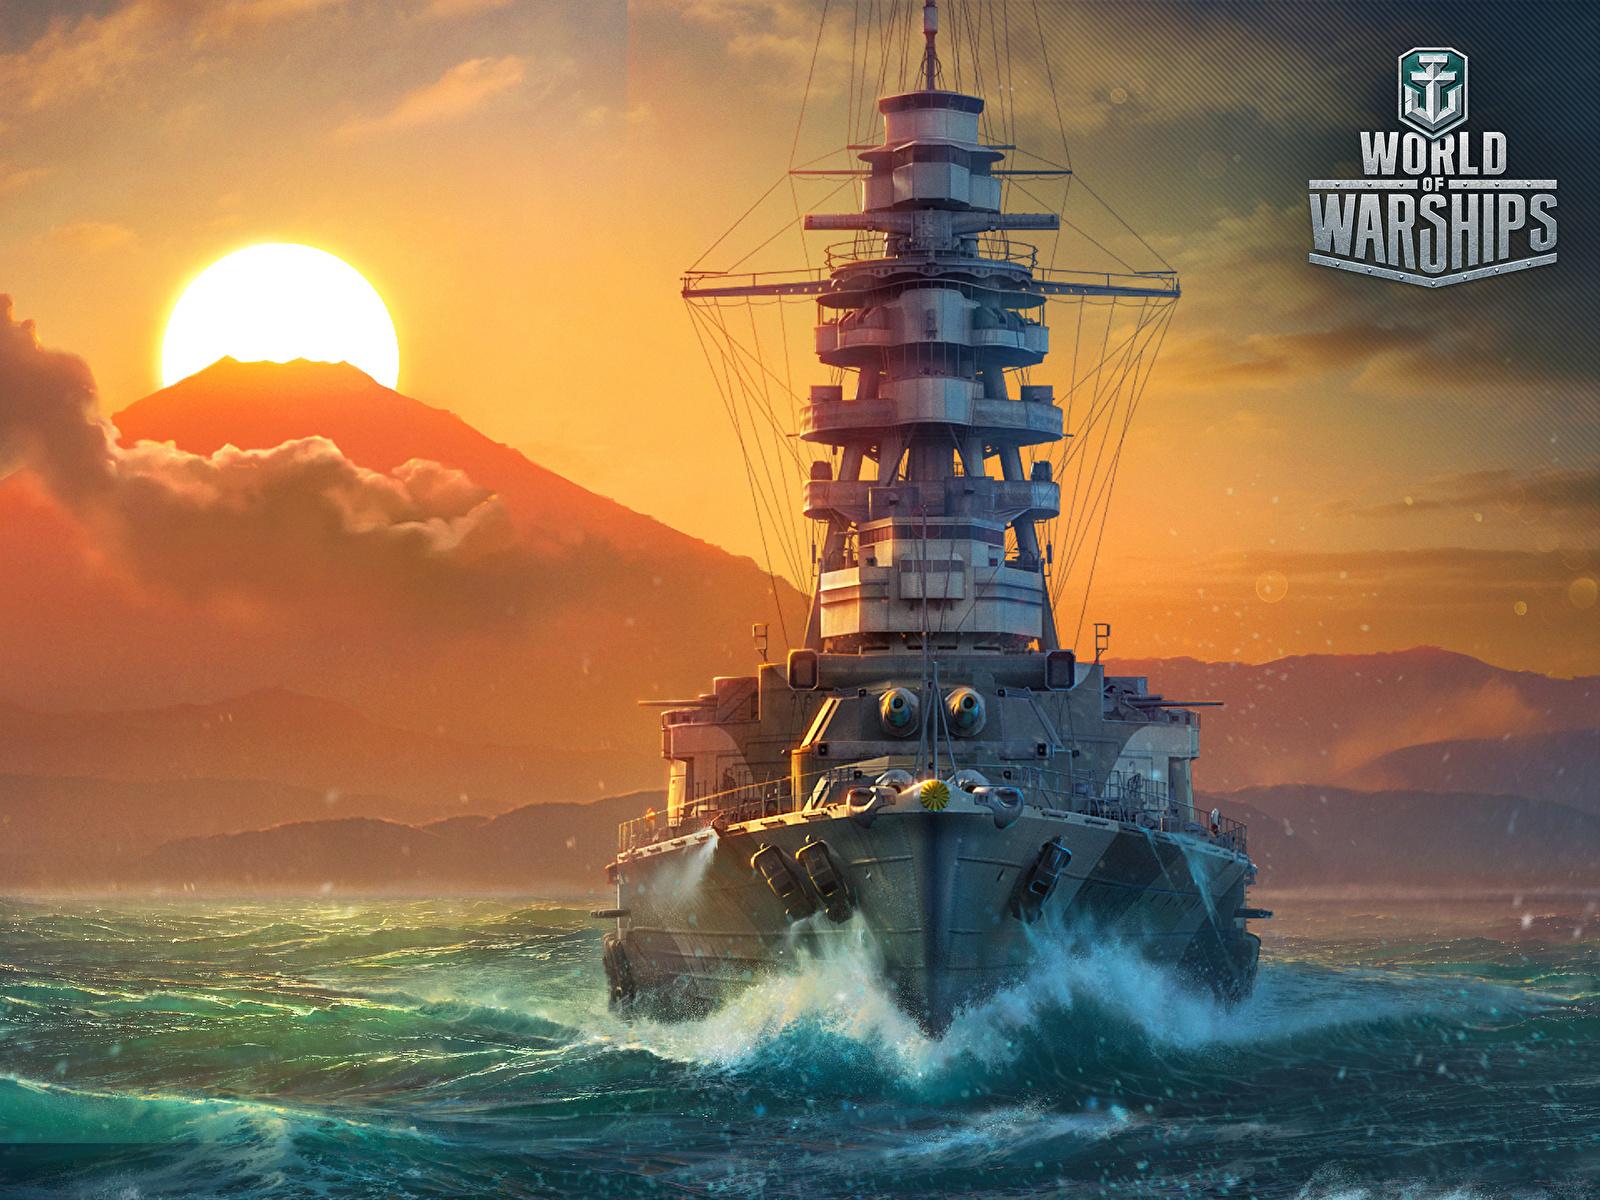 Fotos von World Of Warship Japanisch Mutsu Sonne Spiele Schiffe Sonnenaufgänge und Sonnenuntergänge Heer 1600x1200 japanische japanisches japanischer